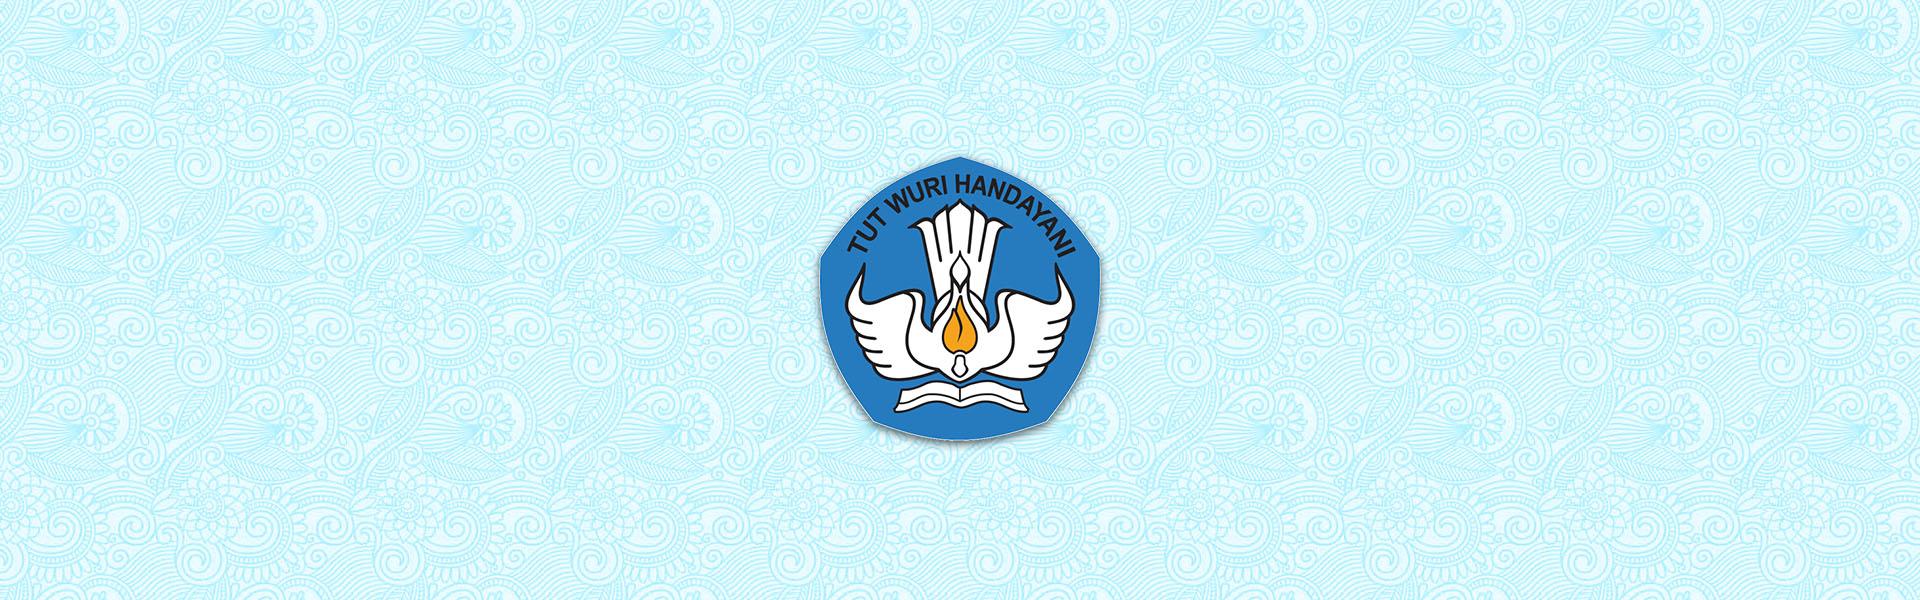 Pedoman Ralat Ijazah Cabang Dinas Pendidikan Wilayah I s.d XIII